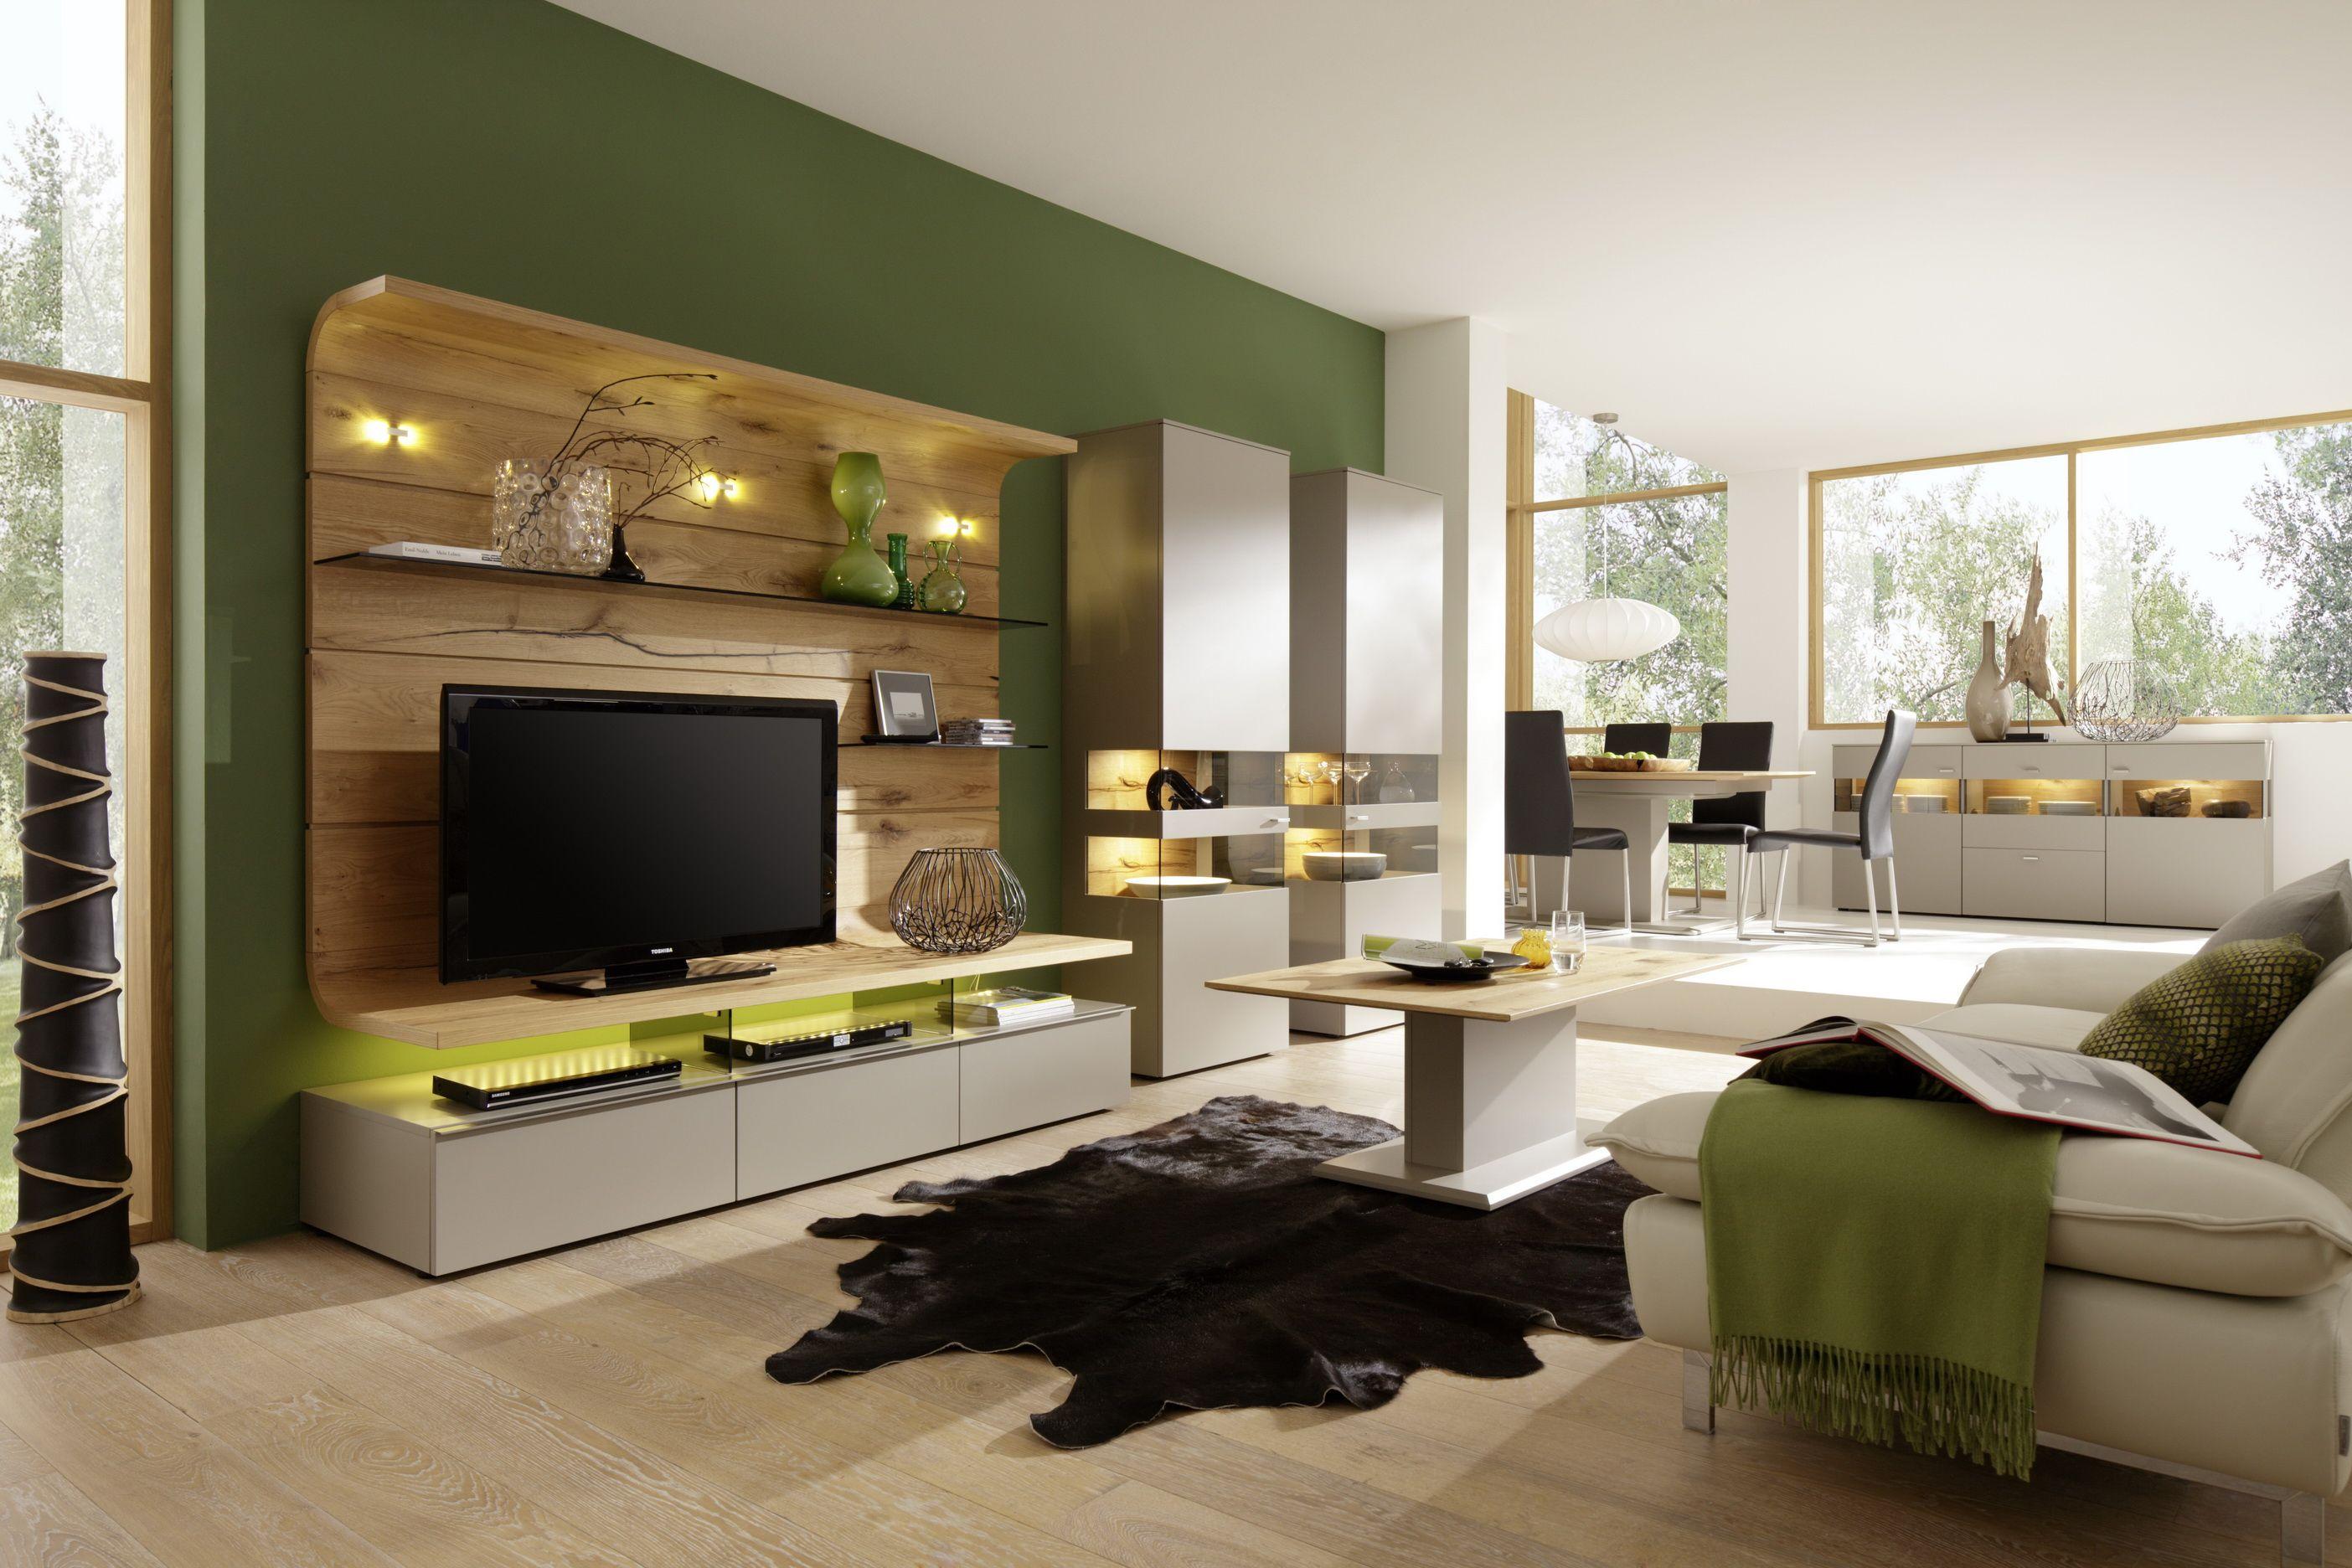 Entzückend Möbel Röthing Foto Von #möbel #madeingermany #furniture #gwinner #wohndesign #design #wohnzimmer